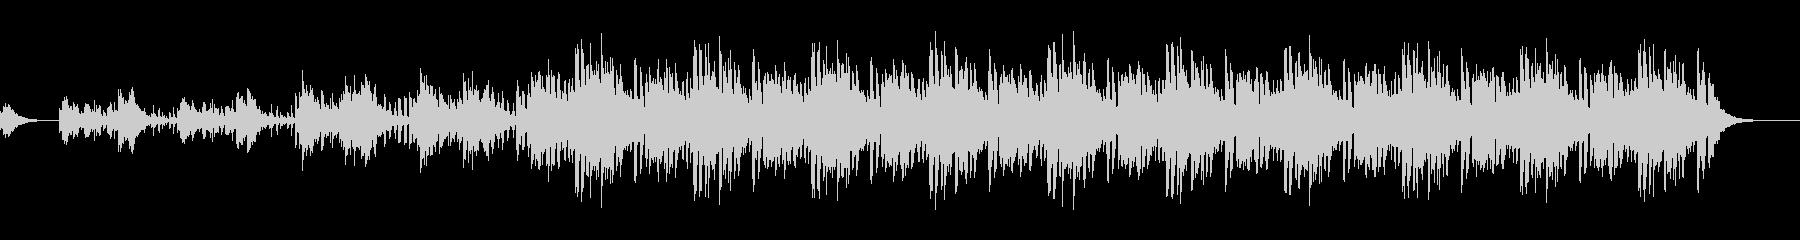 ハイテンポノービートバージョンの未再生の波形